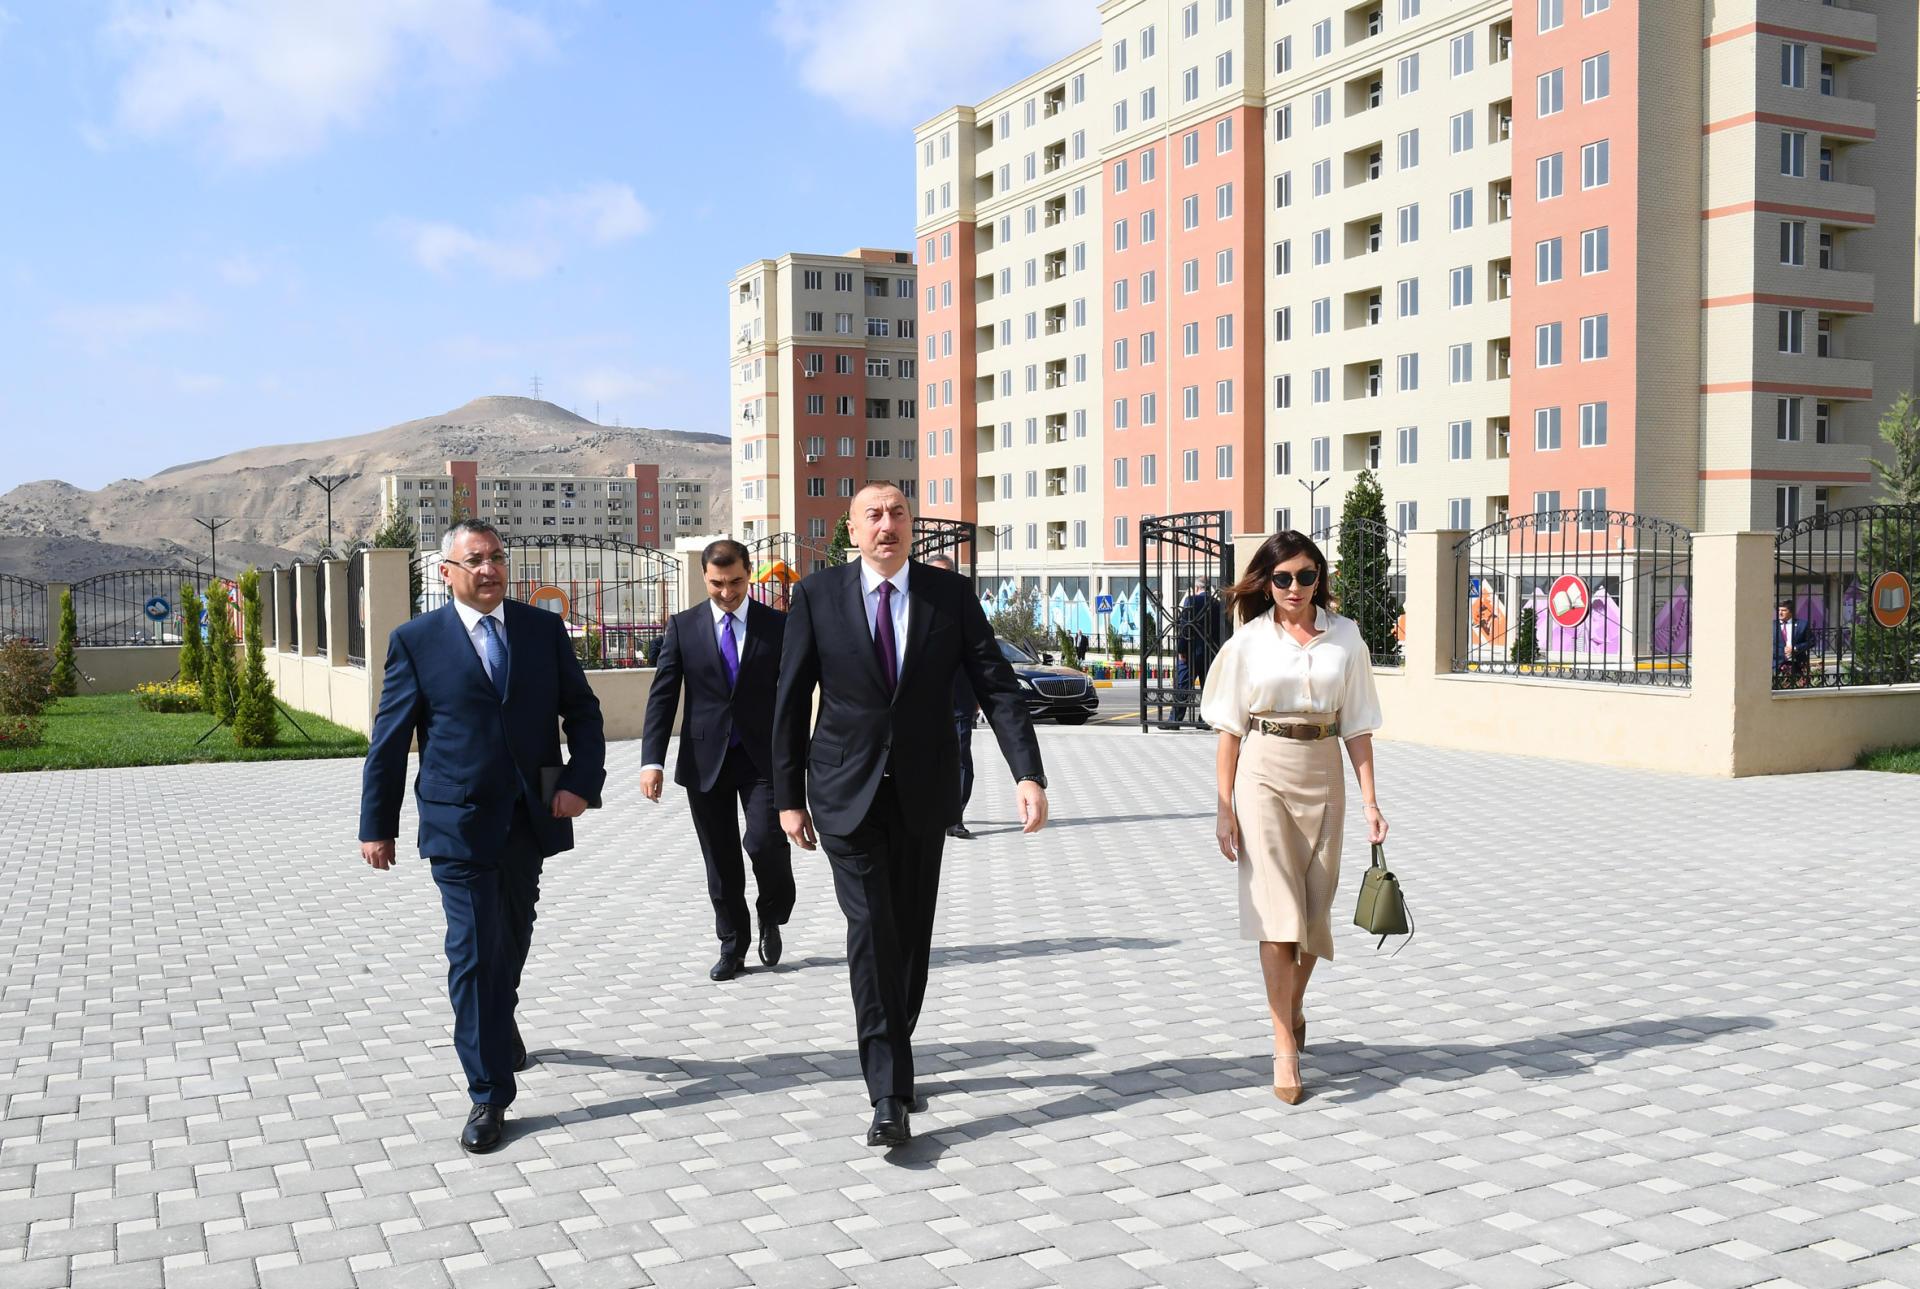 Президент Ильхам Алиев и Первая леди Мехрибан Алиева приняли участие в открытии жилого комплекса «Гобу Парк-2» для вынужденных переселенцев (ФОТО) - Gallery Image